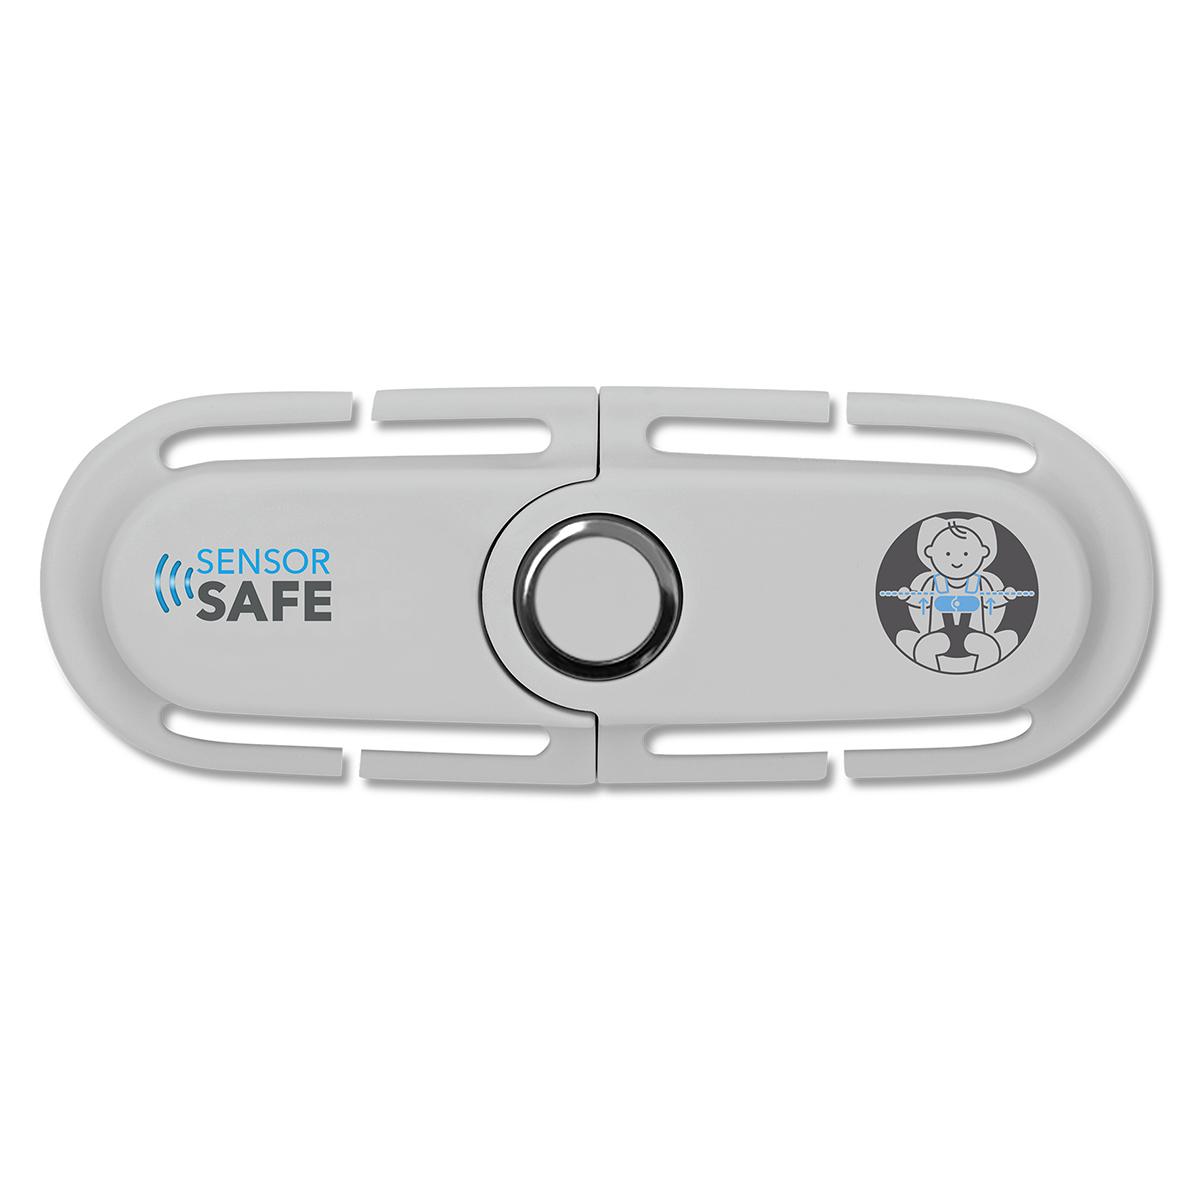 Sécurité Kit de sécurité Sensorsafe Groupe 0+ Kit de sécurité Sensorsafe Groupe 0+